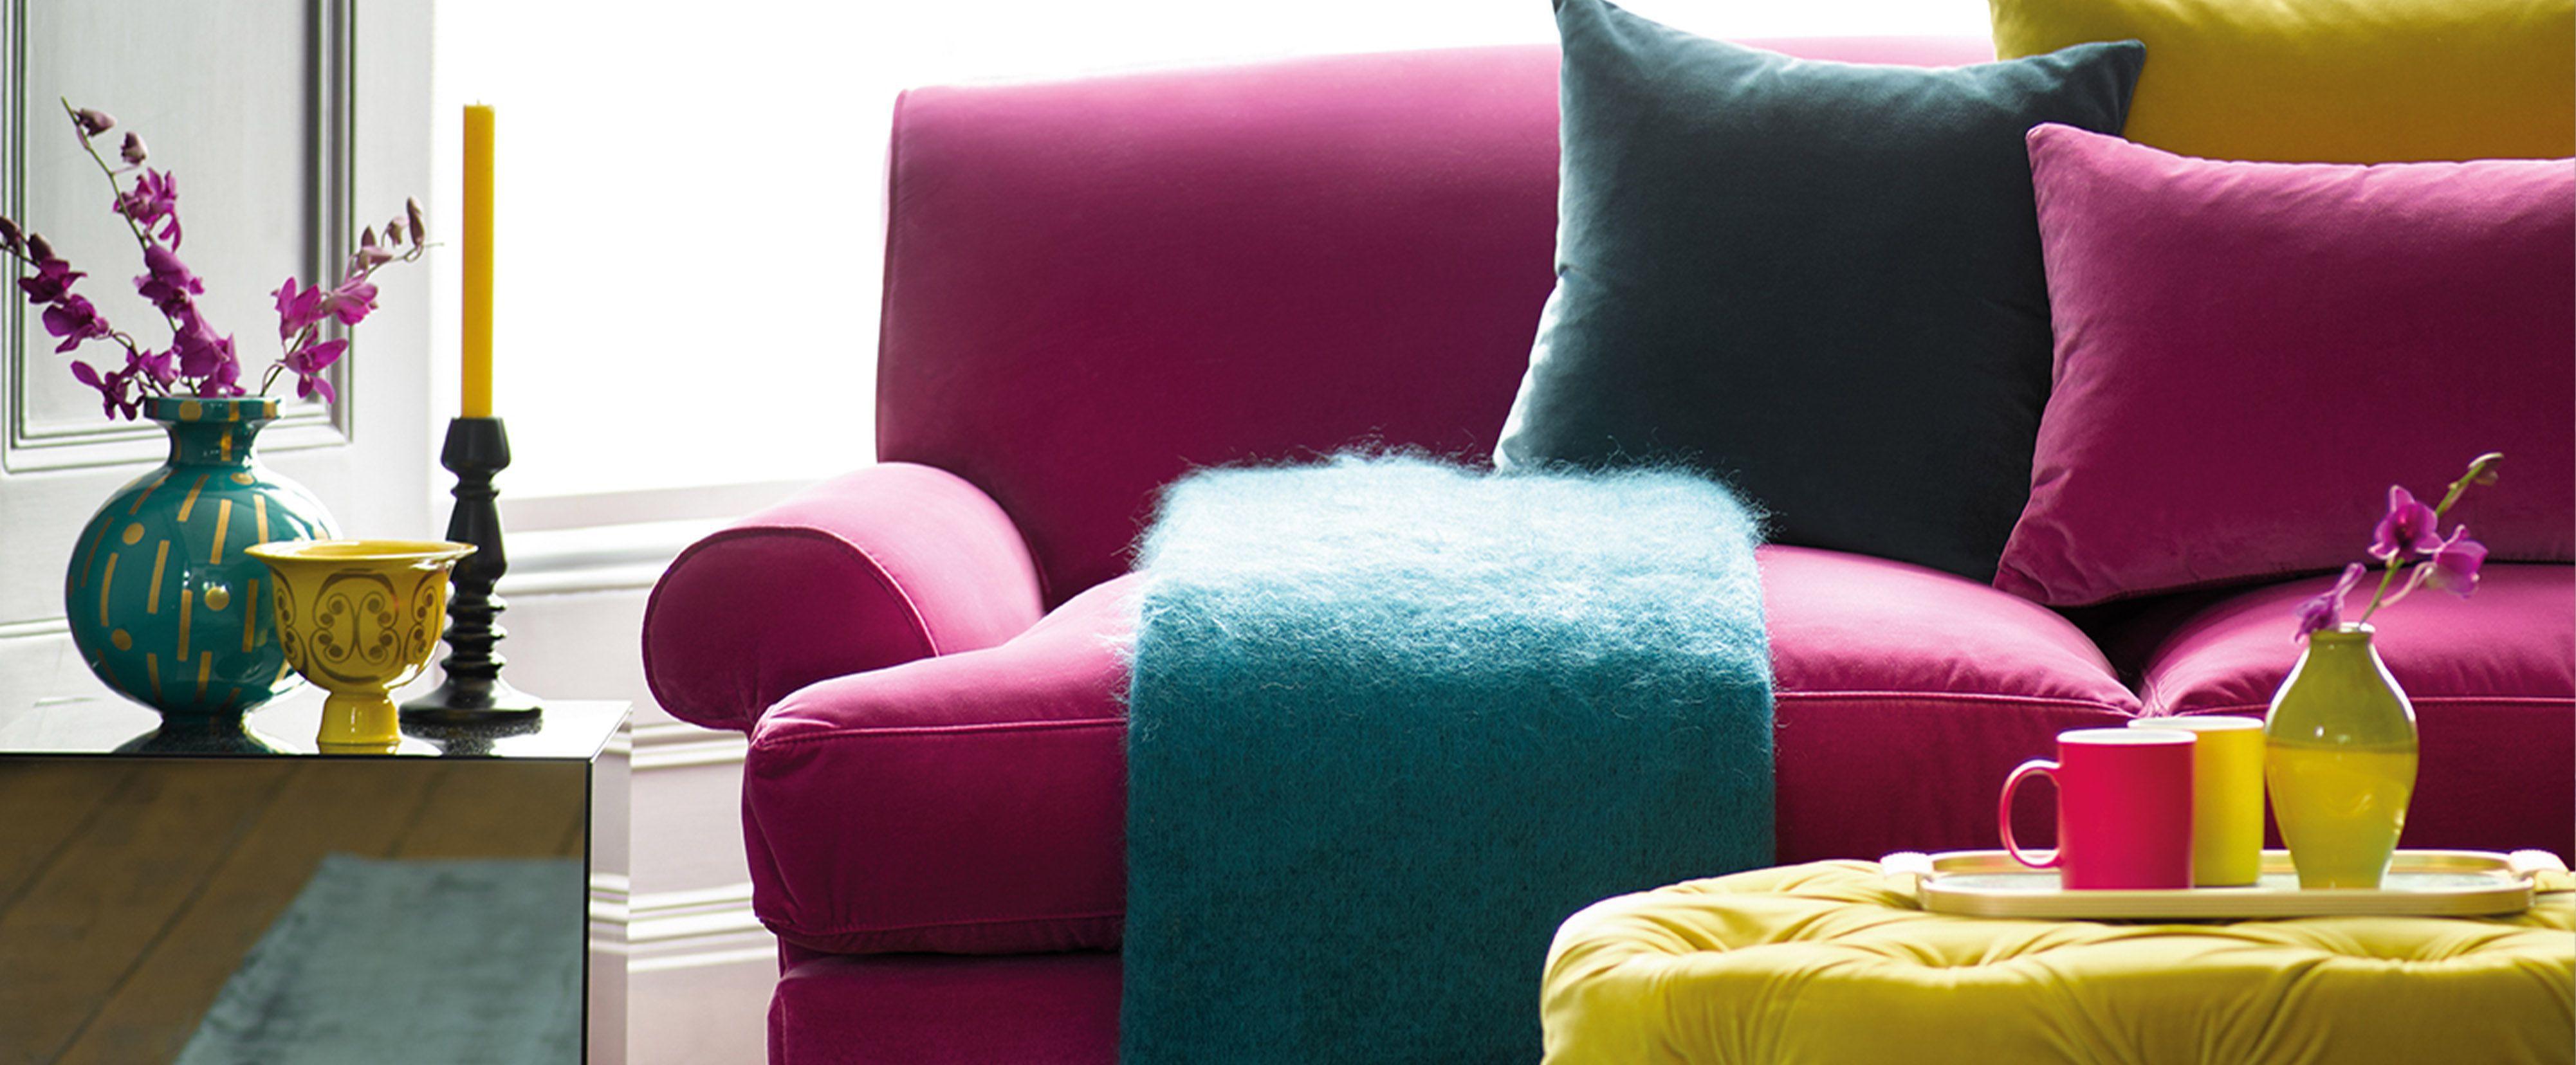 velvet-sofas.jpg